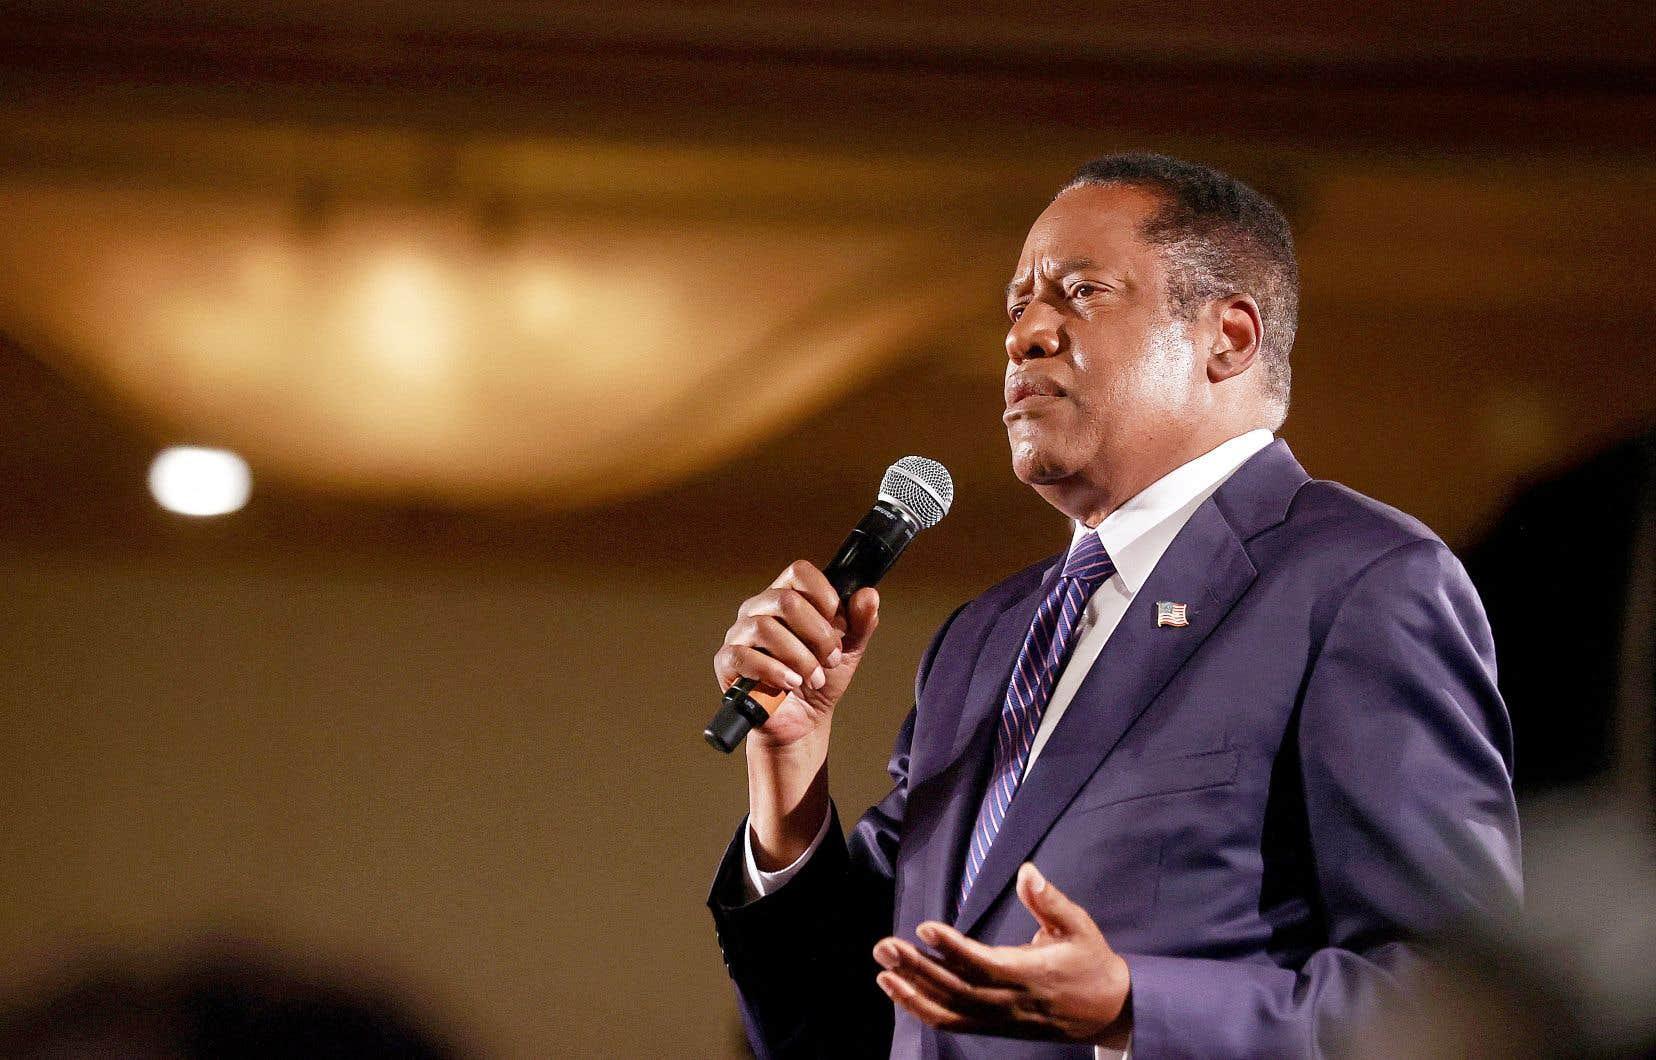 Le candidat républicain Larry Elder contestait l'élection du gouverneur Gavin Newsom lors de sa soirée électorale lundi, à la veille du référendum de révocation en Californie. Le scrutin a toutefois joué en faveur des démocrates, permettant au gouverneur de rester en poste.